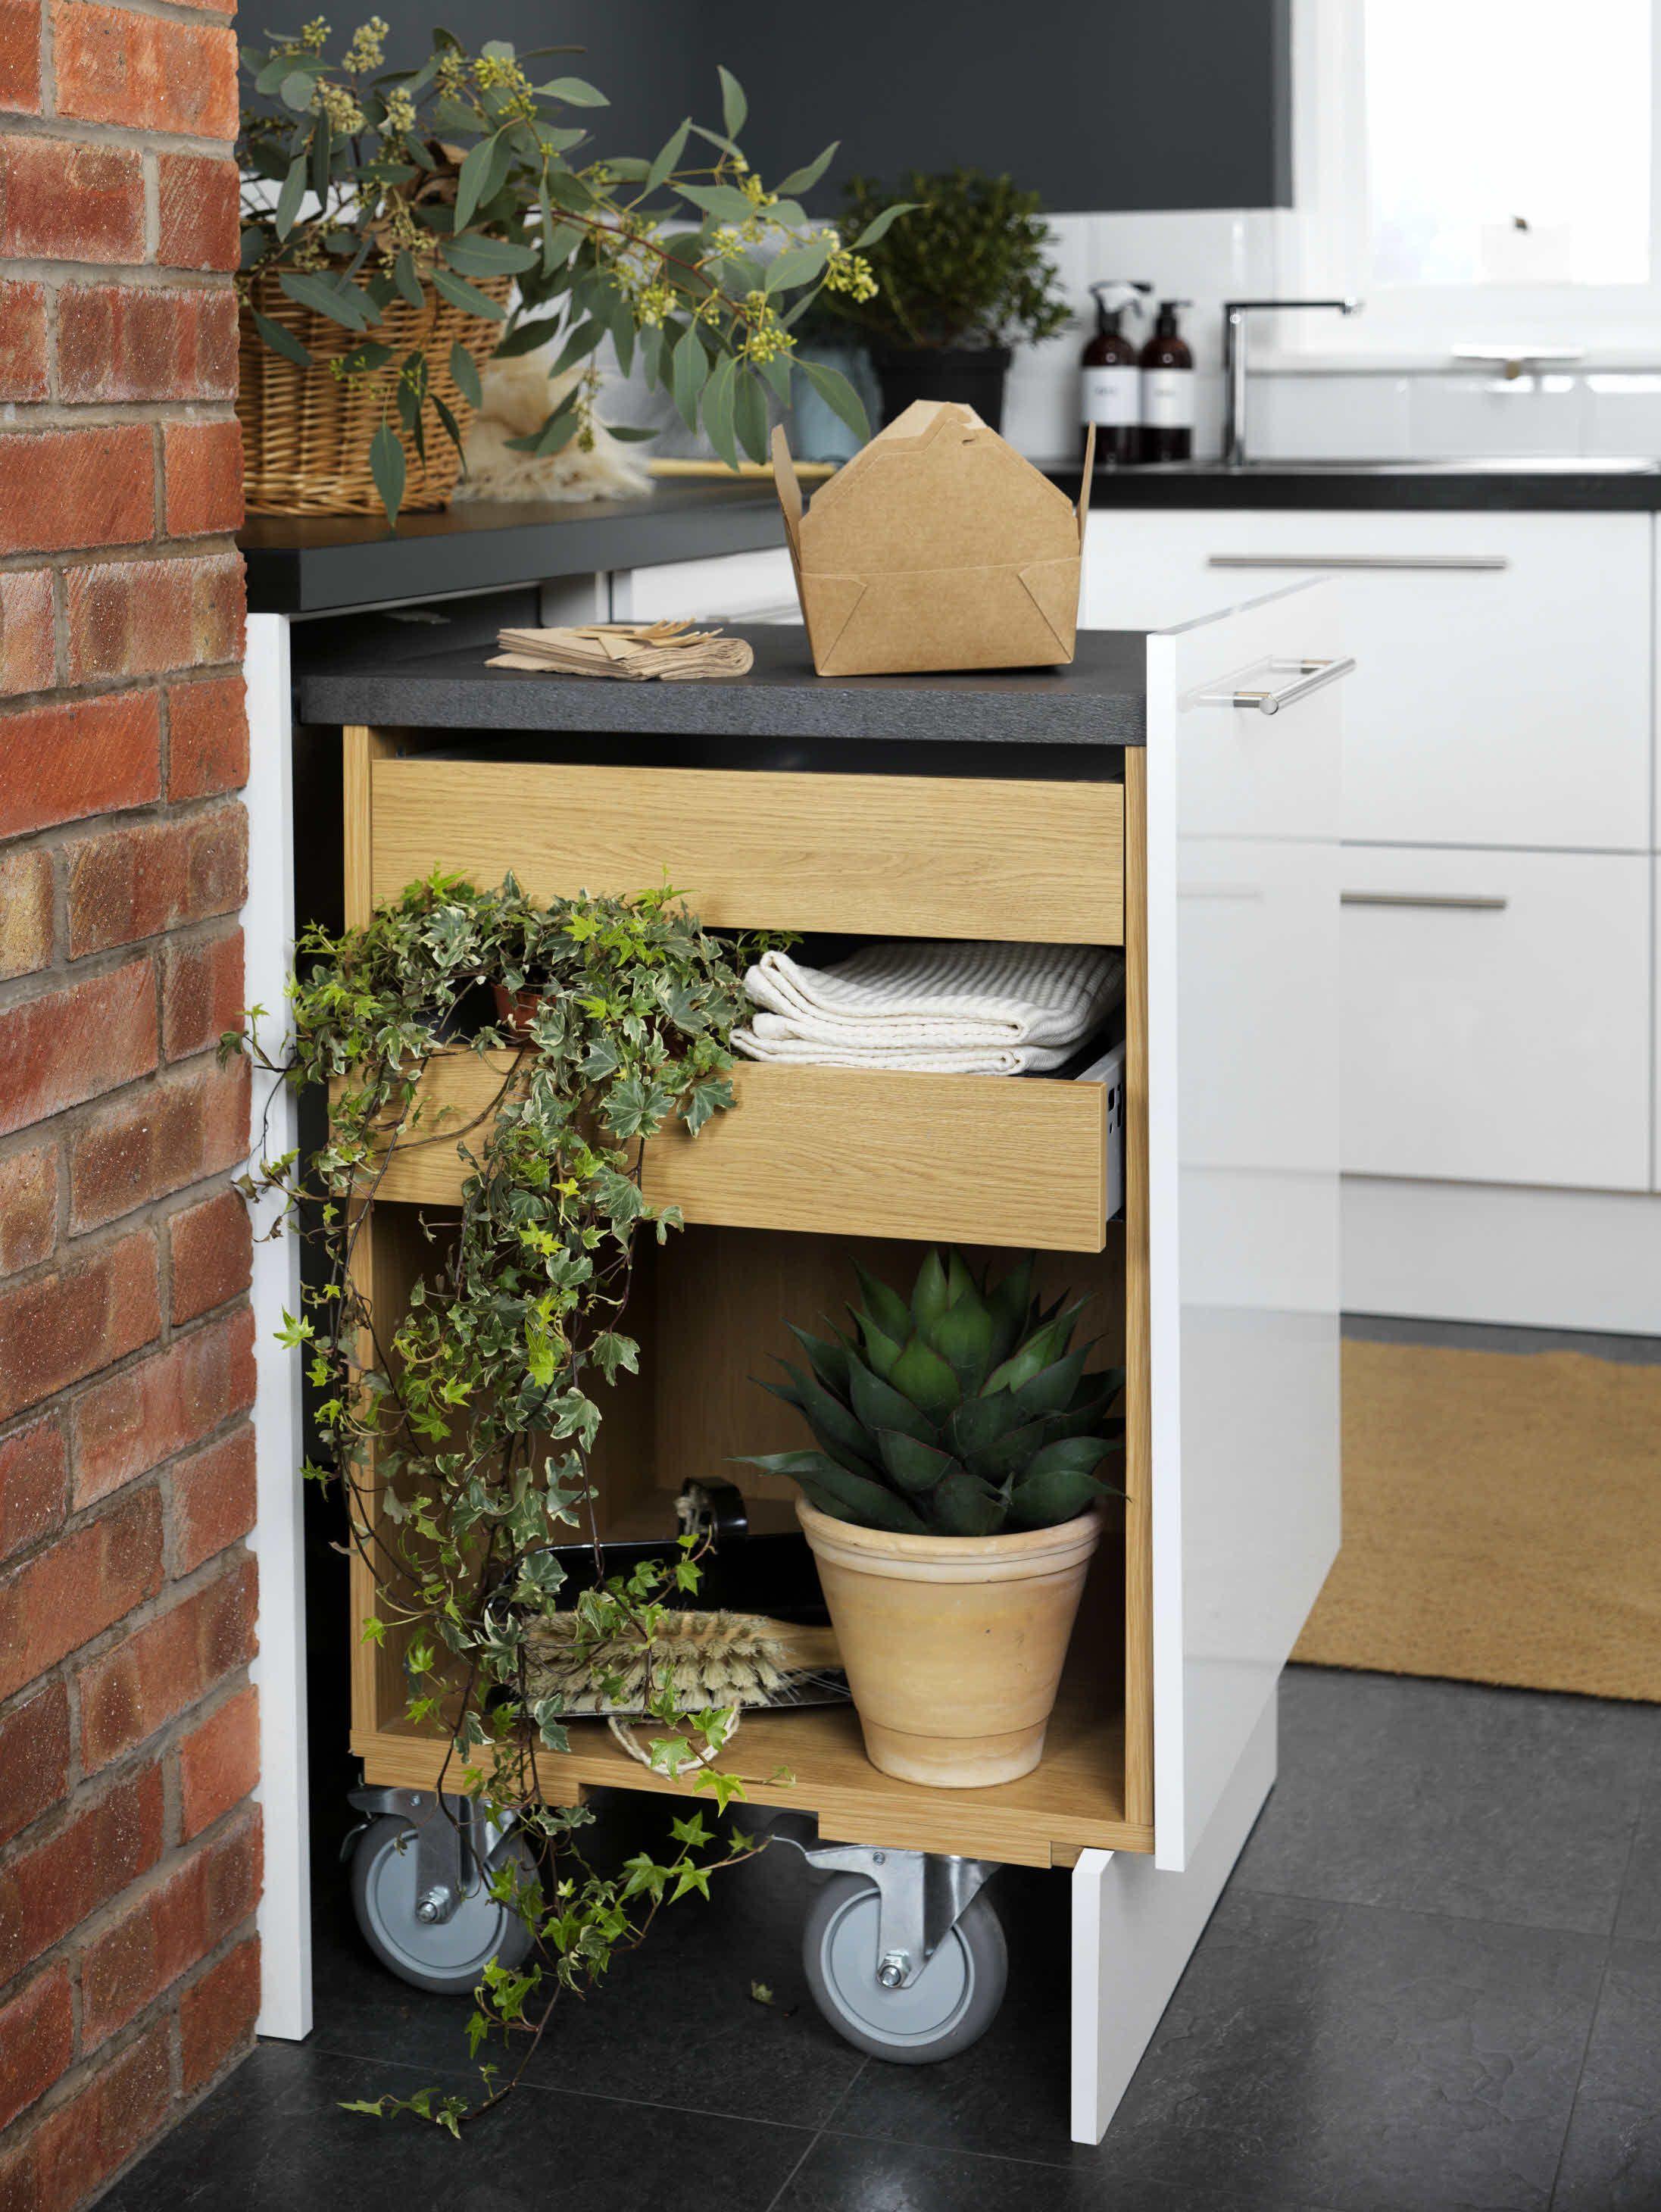 Ausziehbare Arbeitsplatte / Inspiration für kleine Küchen / Foto